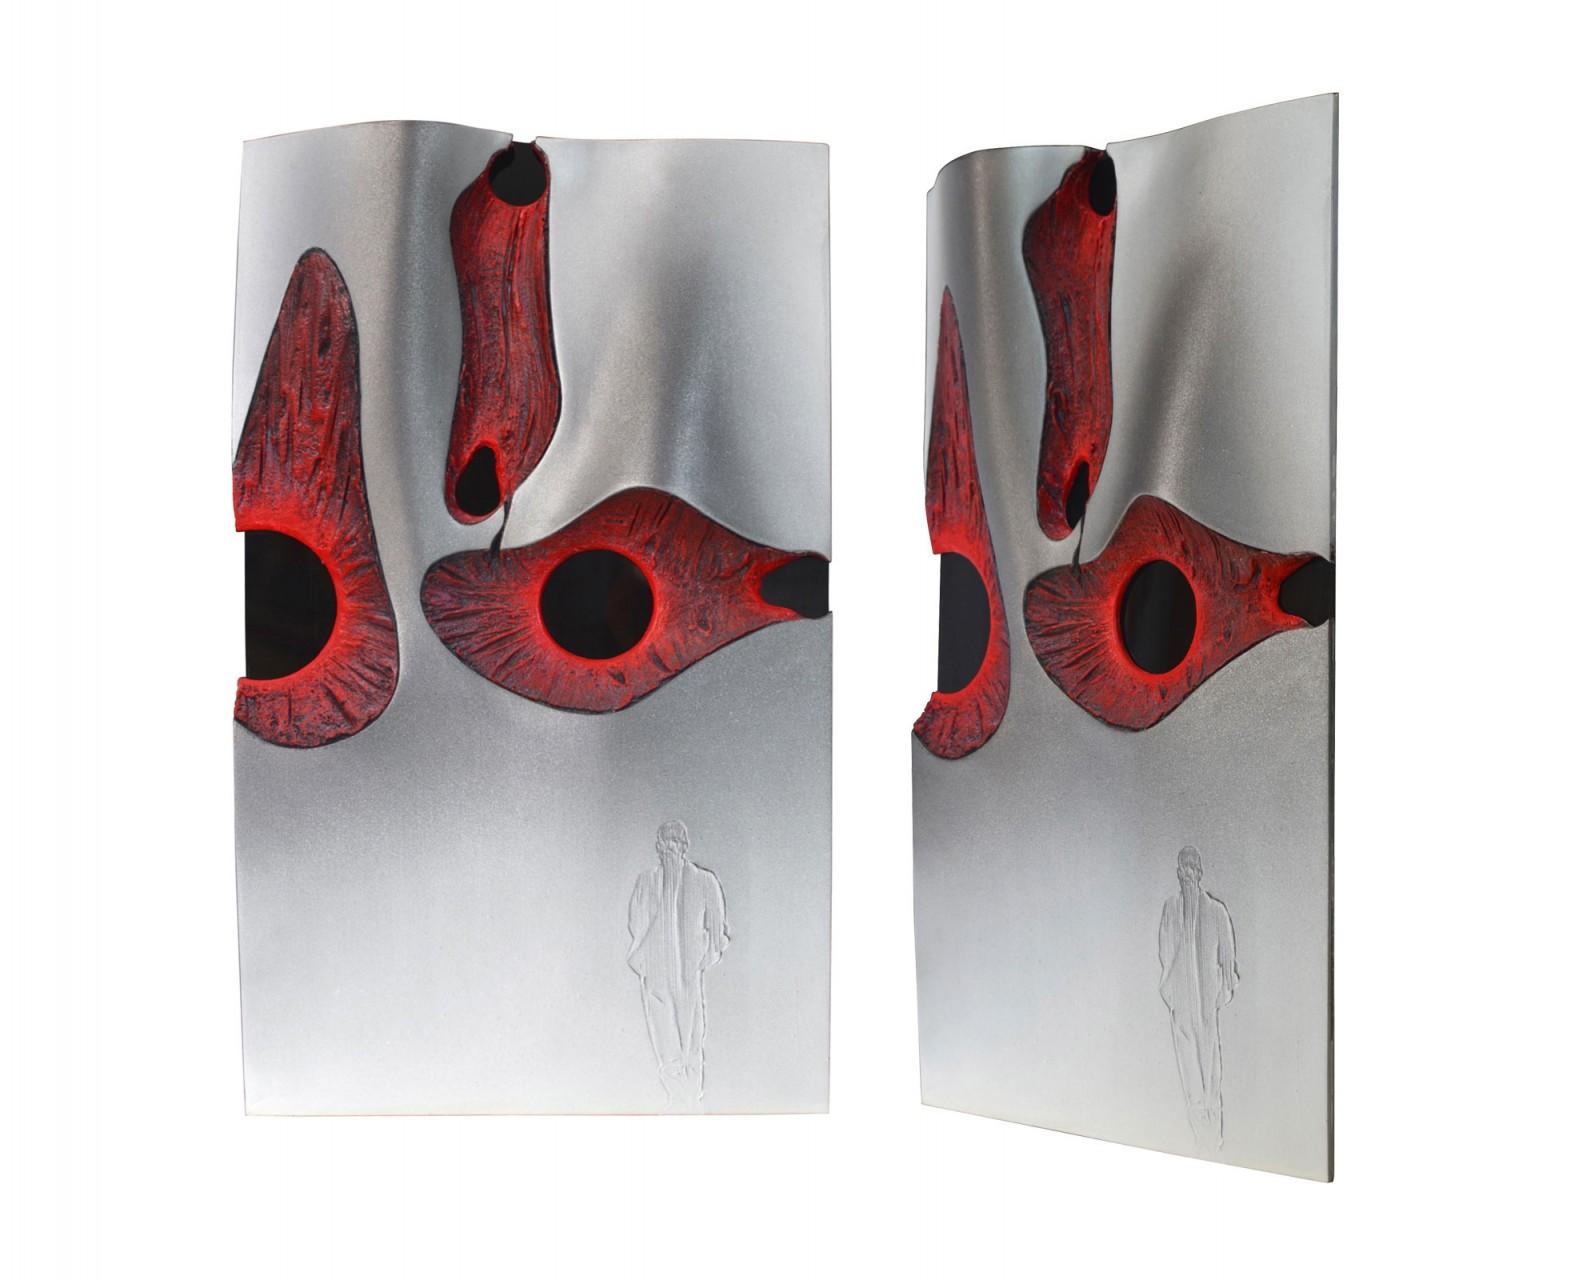 Parete 2011 - modello cm 30,5x50x4,5 - vetroresina, cartone sagomato, polvere di marmo, sabbia, colori acrilici, plexiglass